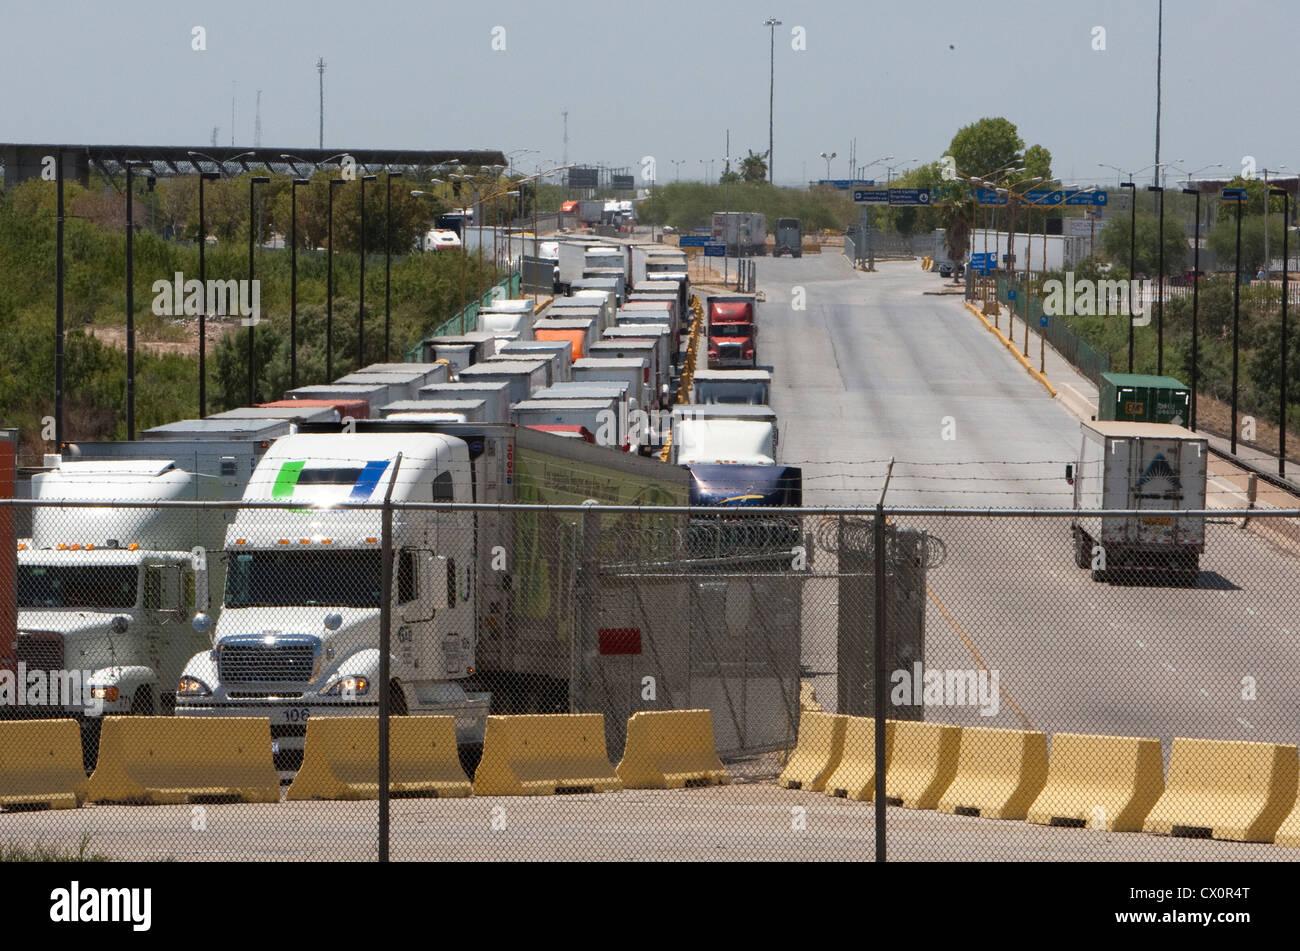 Lungo la linea di carrelli in attesa di entrare negli Stati Uniti dal Messico al commercio mondiale ponte internazionale nella città di Laredo in Texas Foto Stock